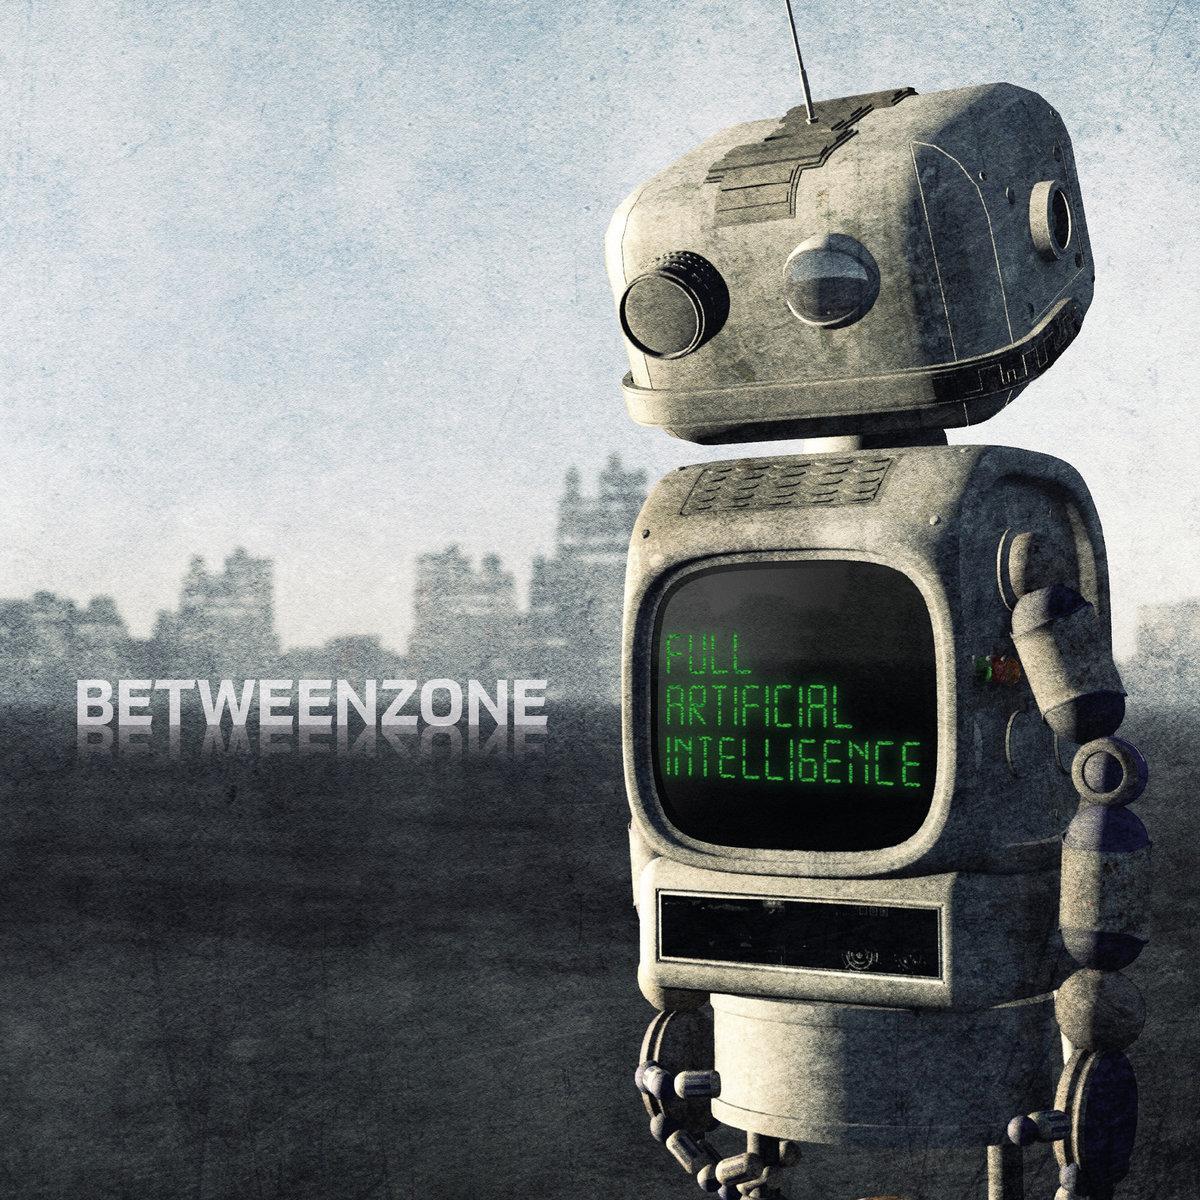 Betweenzone